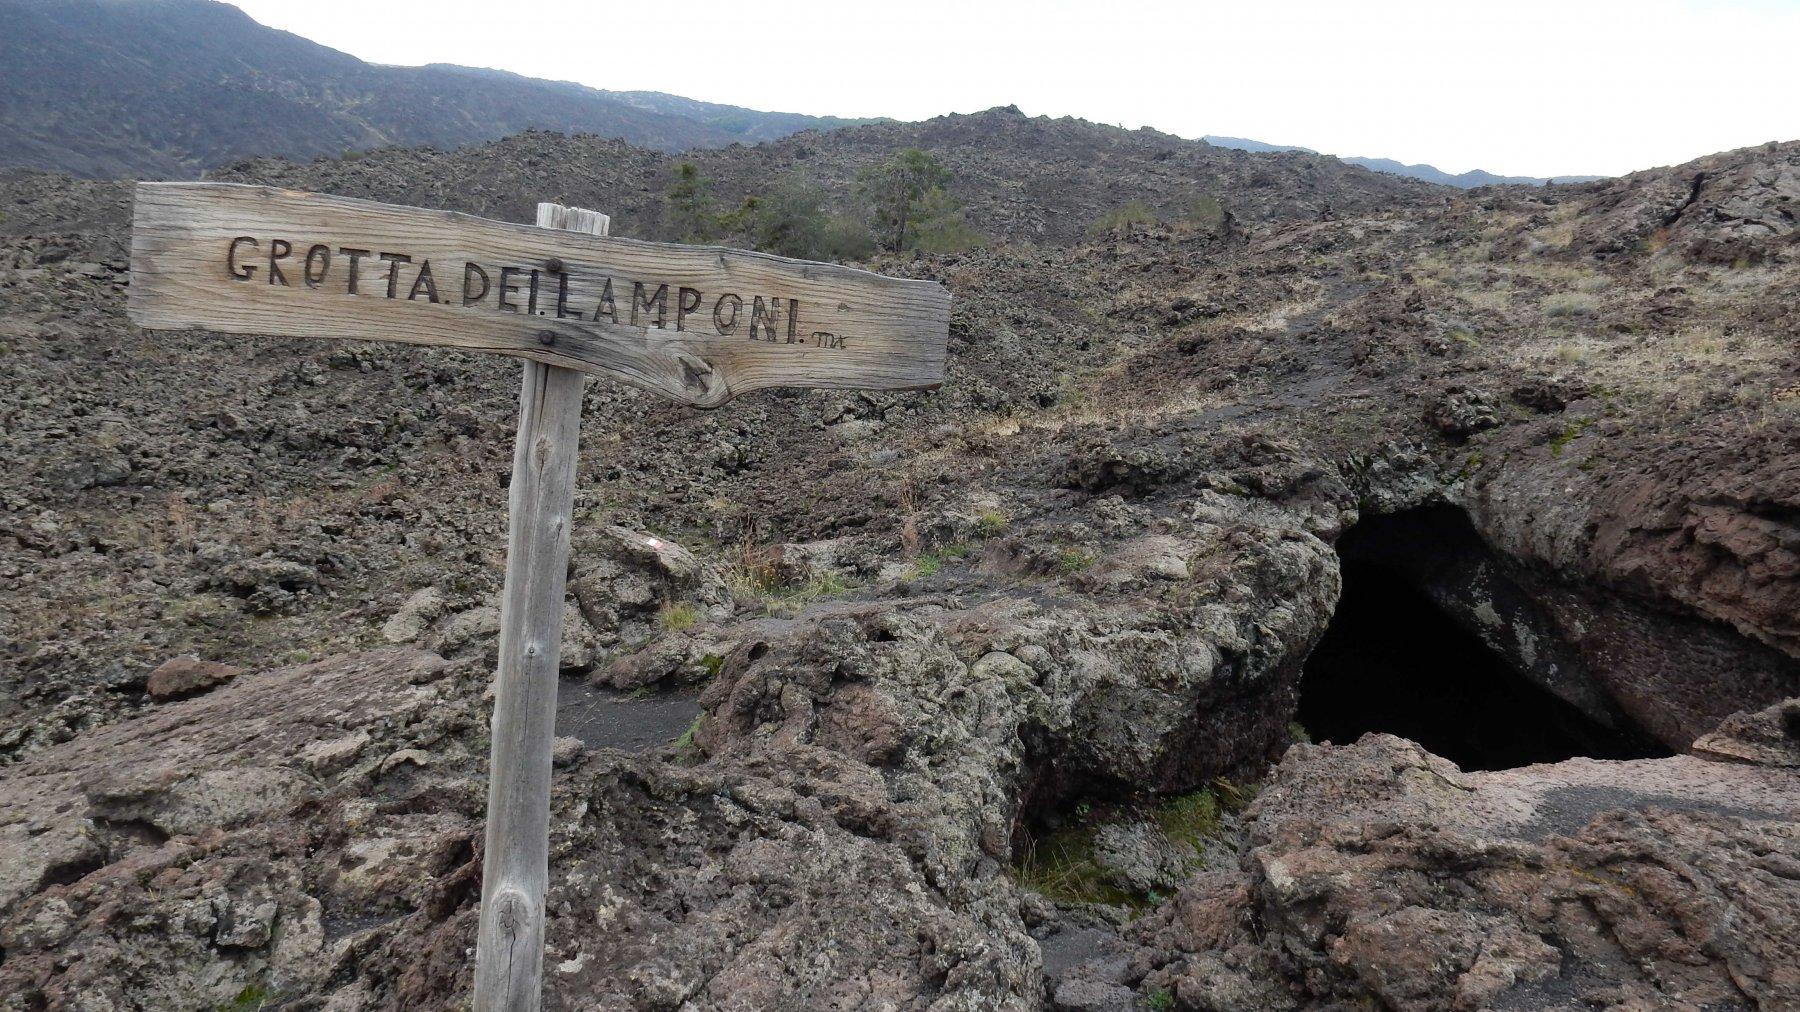 Visita alla Grotta dei Lamponi.